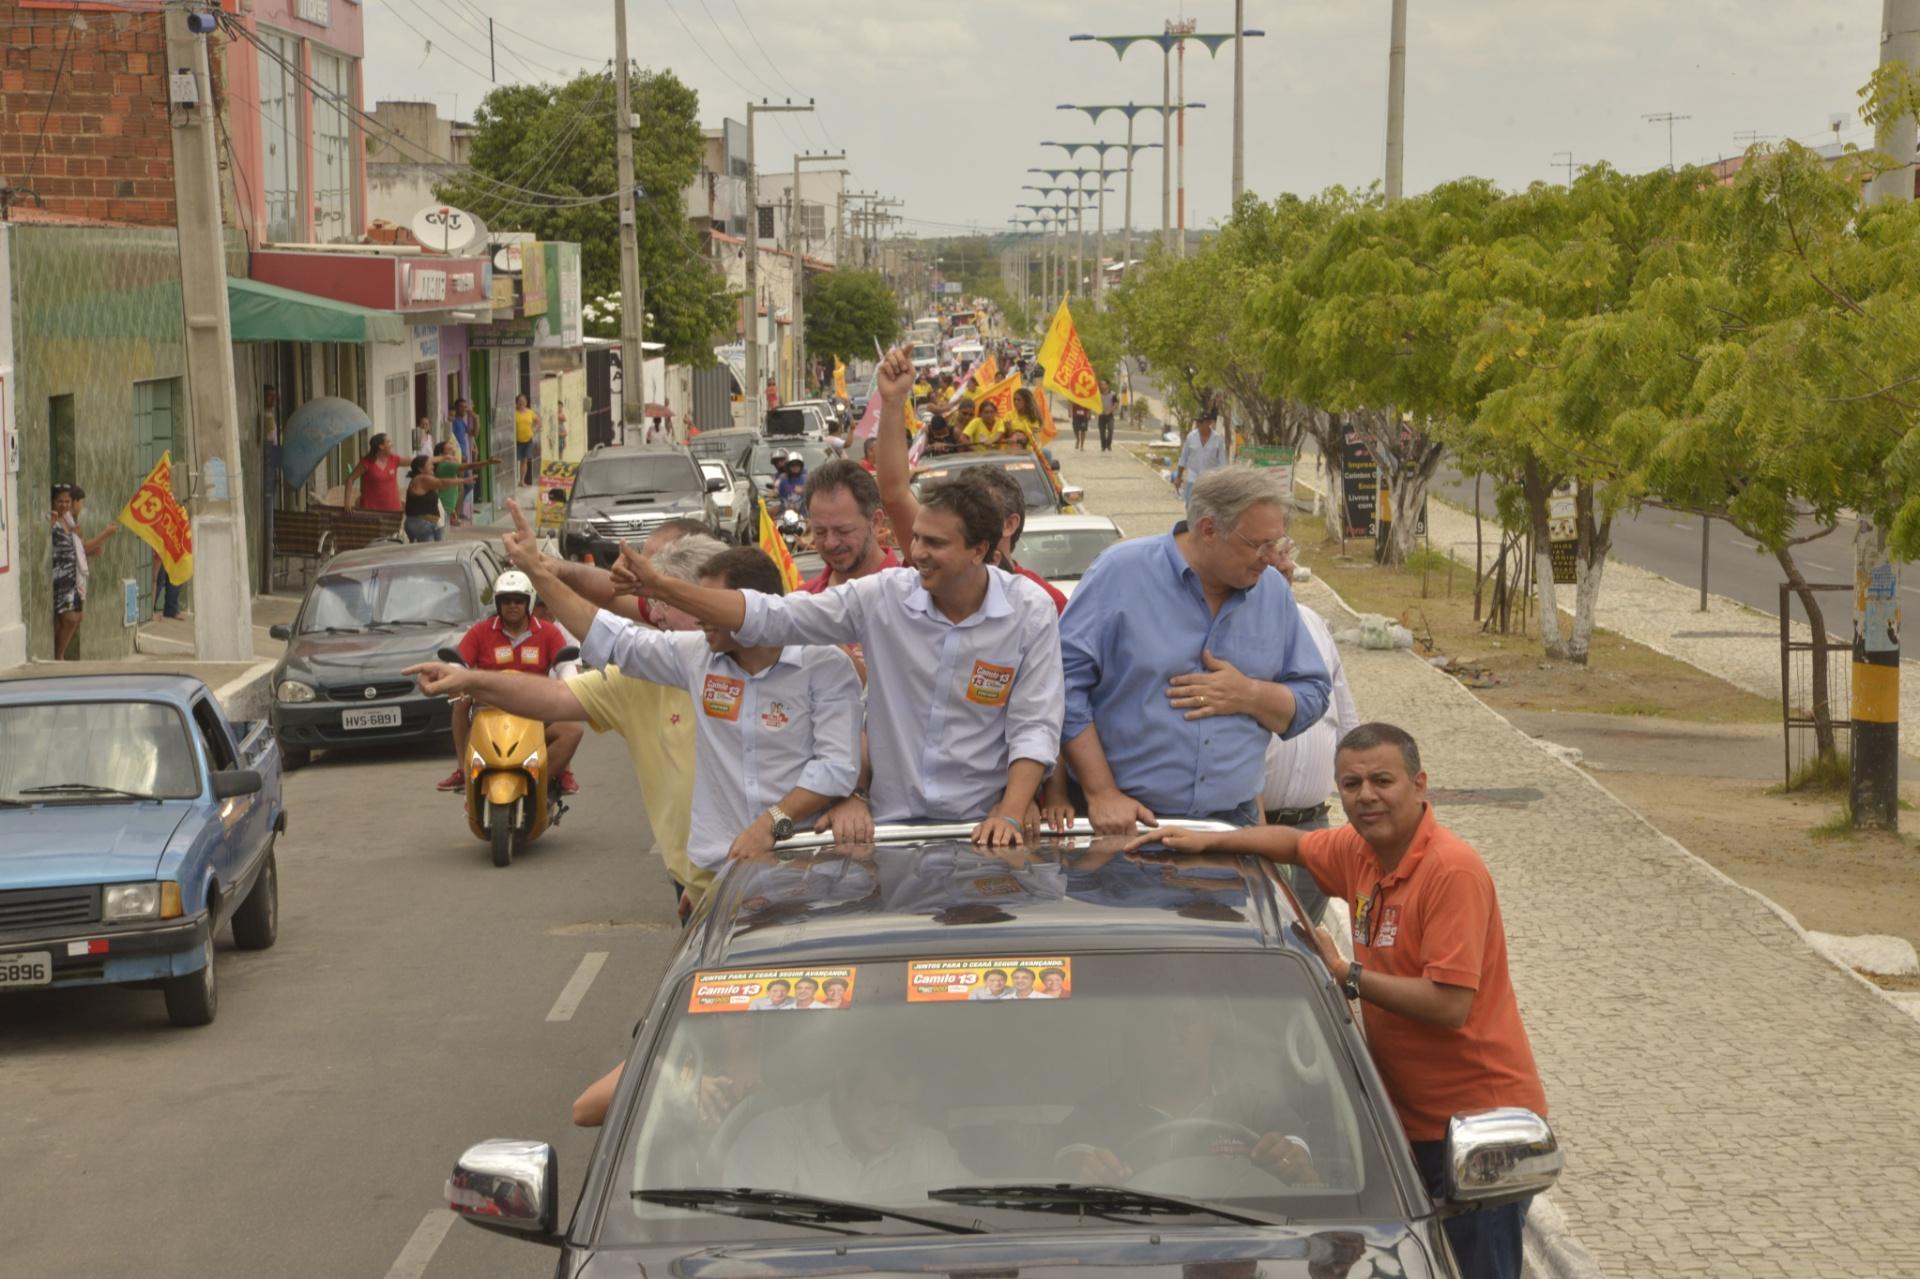 24.out.2014 - Camilo Santana, candidato do PT ao governo do Ceará faz carreata em Maracanaú, na região metropolitana de Fortaleza. O candidato está à frente na última pesquisa divulgada pelo Datafolha, nessa quinta-feira (23). Ele aparece com 57% das intenções de voto, contra 43% de Eunício Oliveira (PMDB)